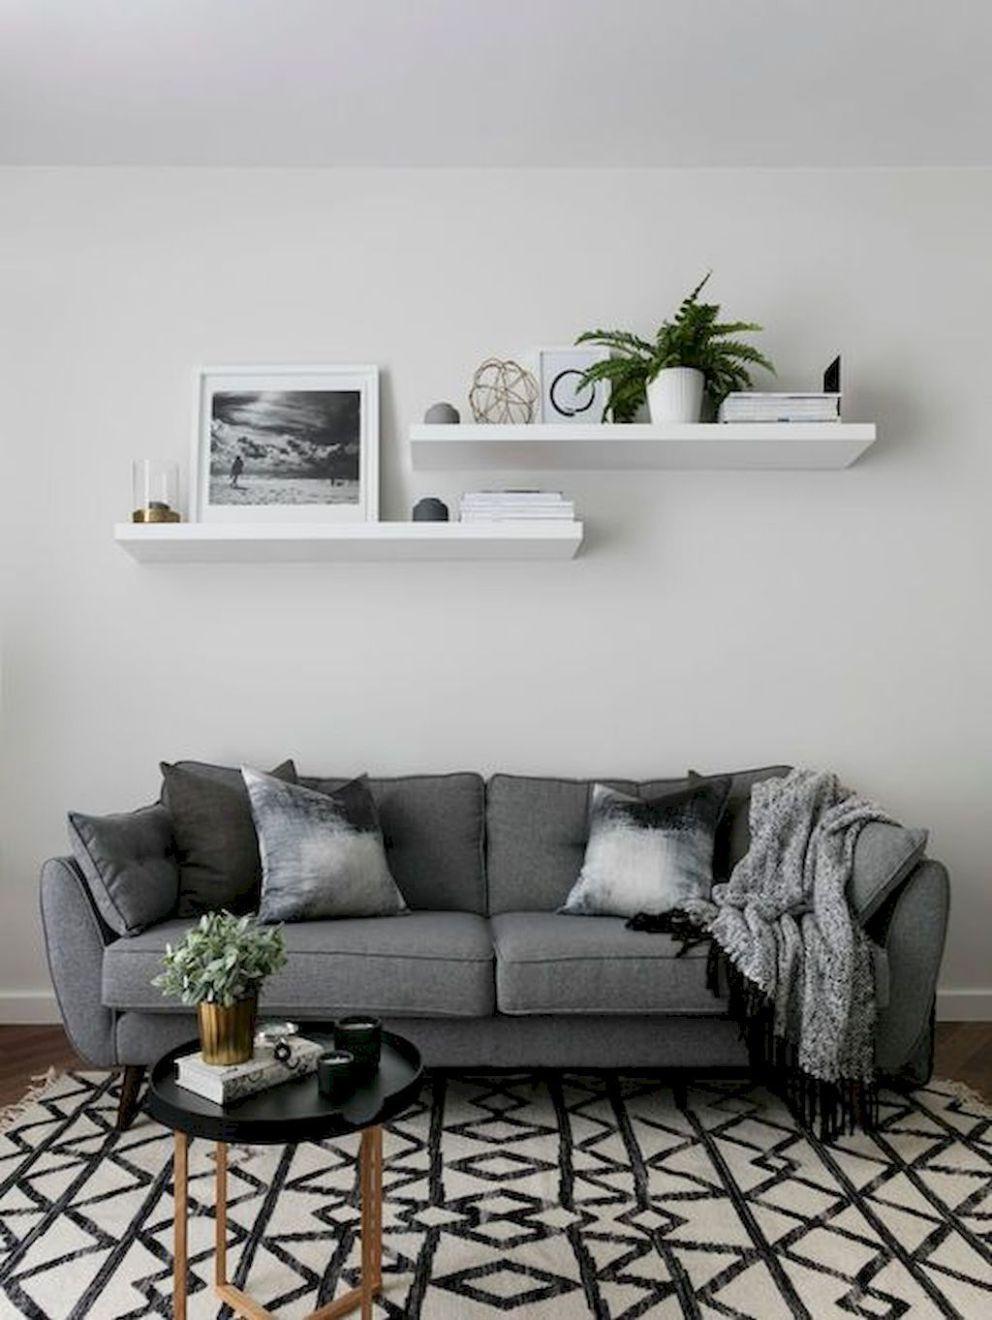 17 Cozy Farmhouse Living Room Makeover Decor Ideas images